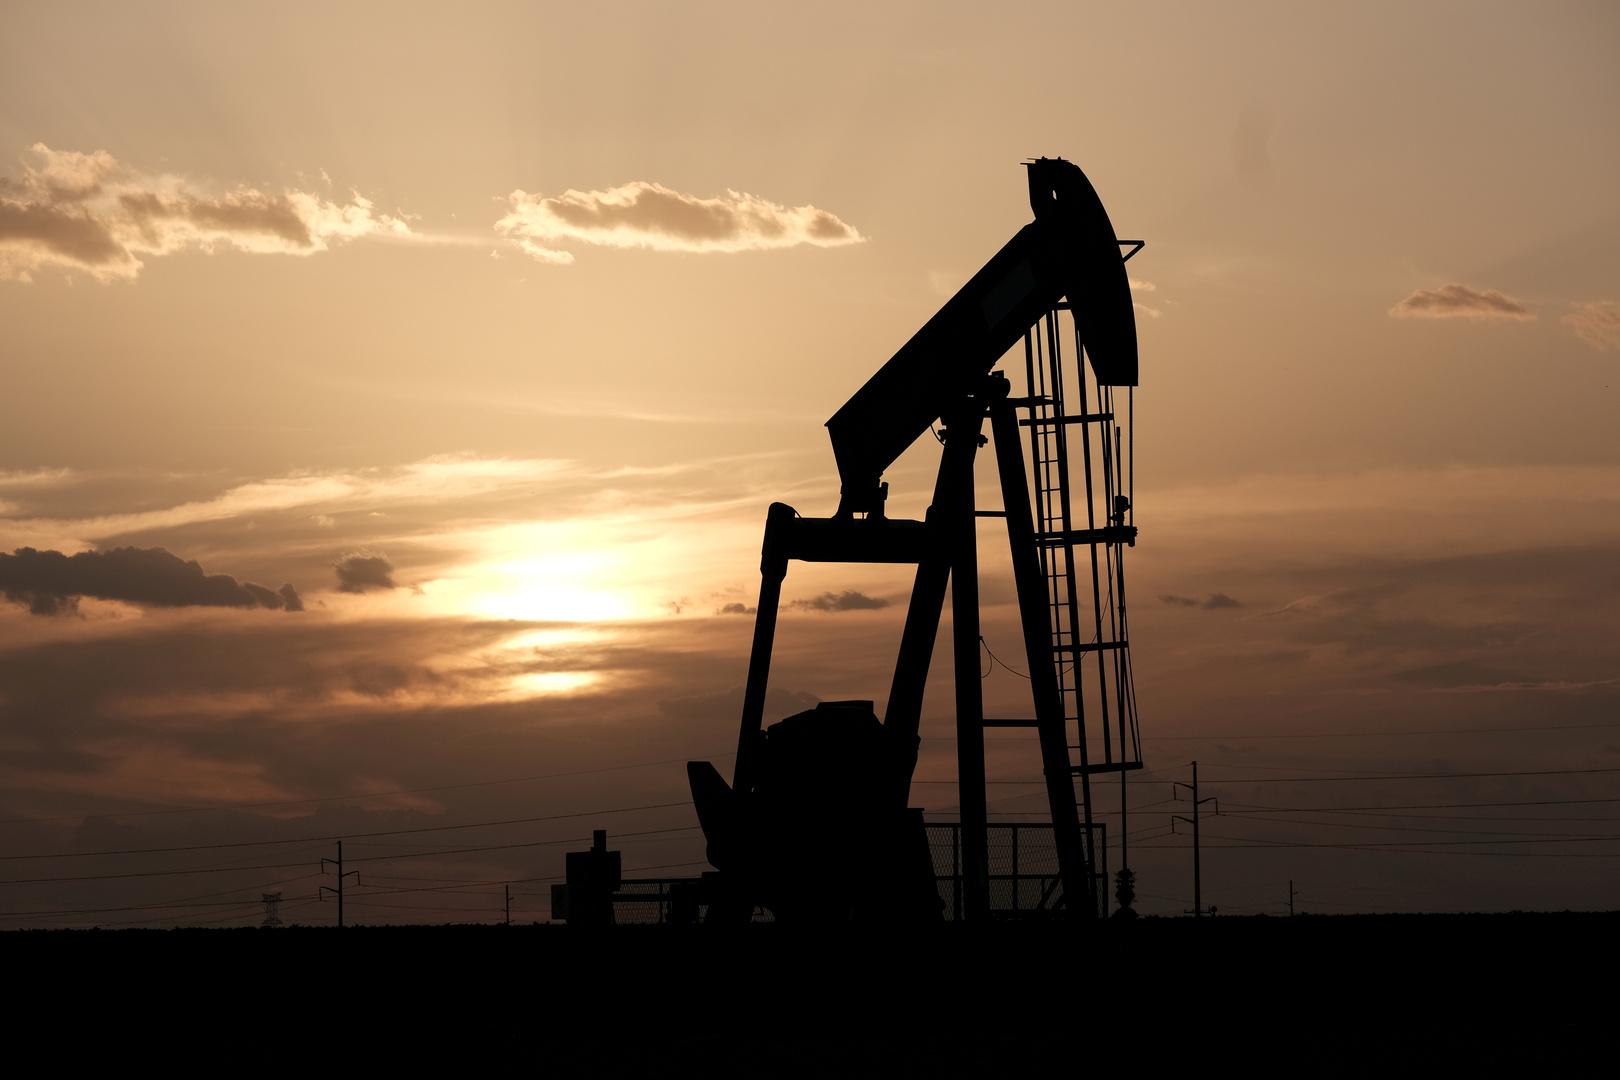 هبوط إنتاج النفط في الولايات المتحدة بمقدار 600 ألف برميل يوميا